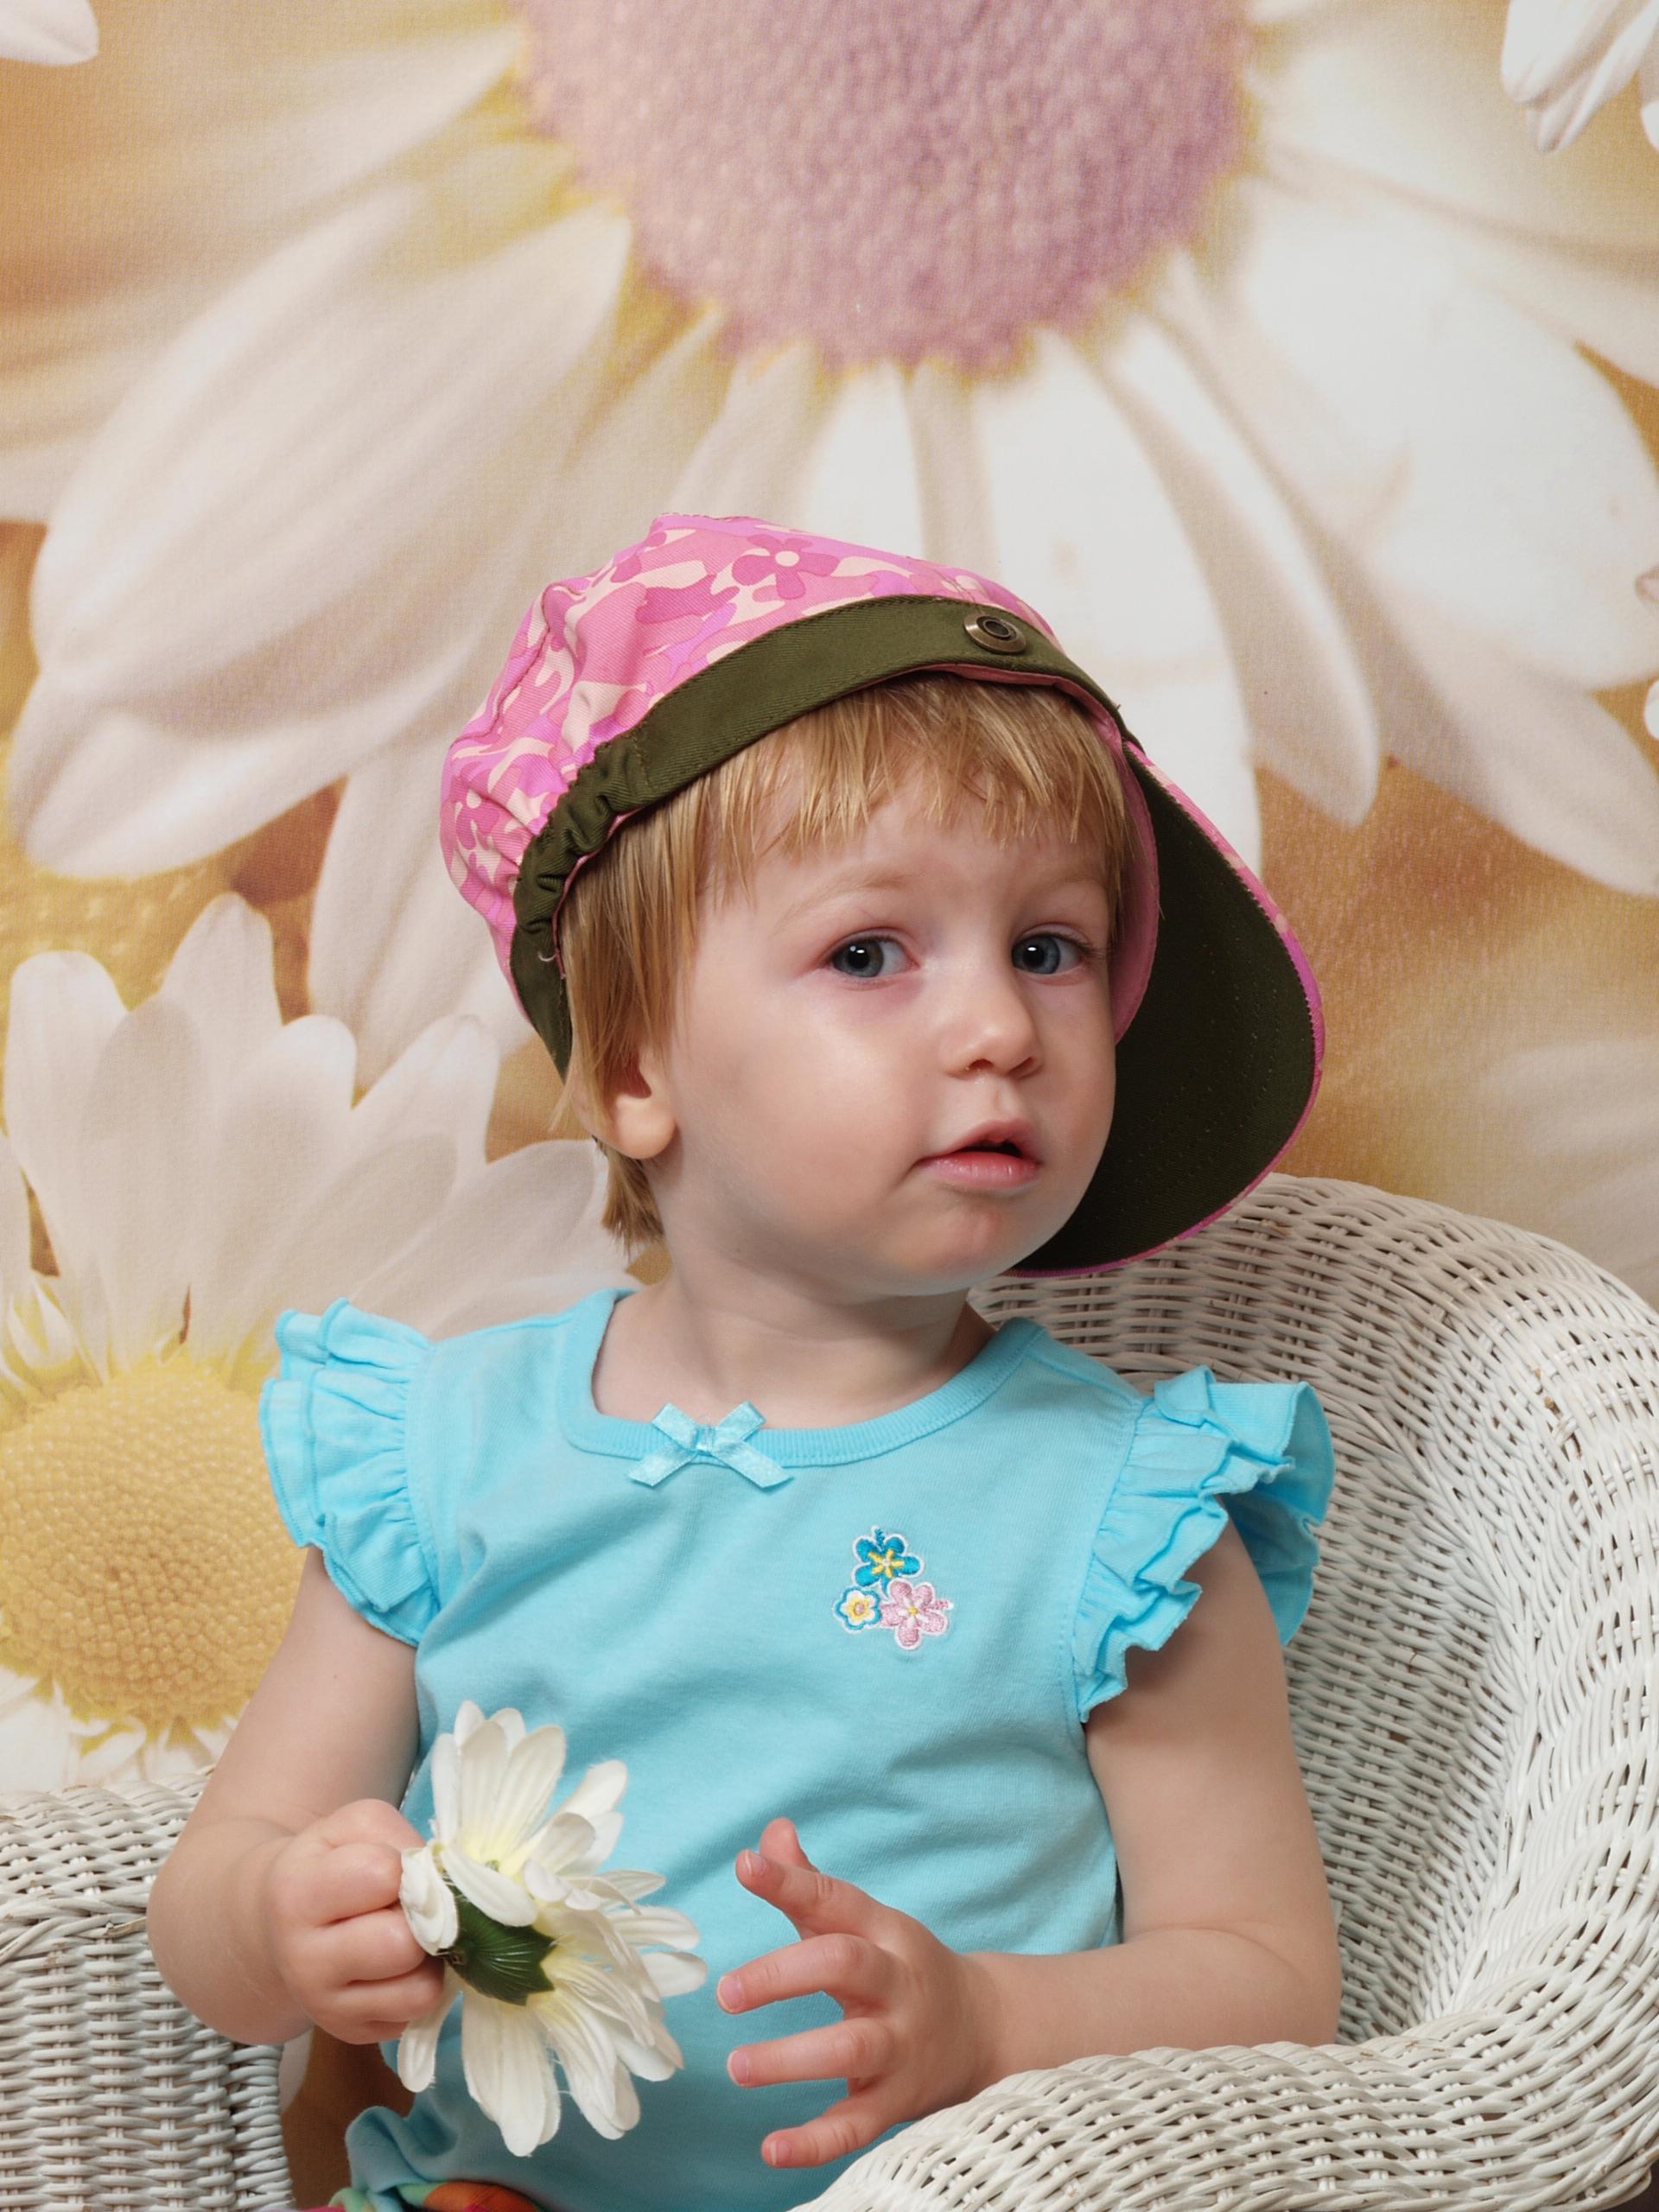 E with a backward-facing hat, looking up, May 2007